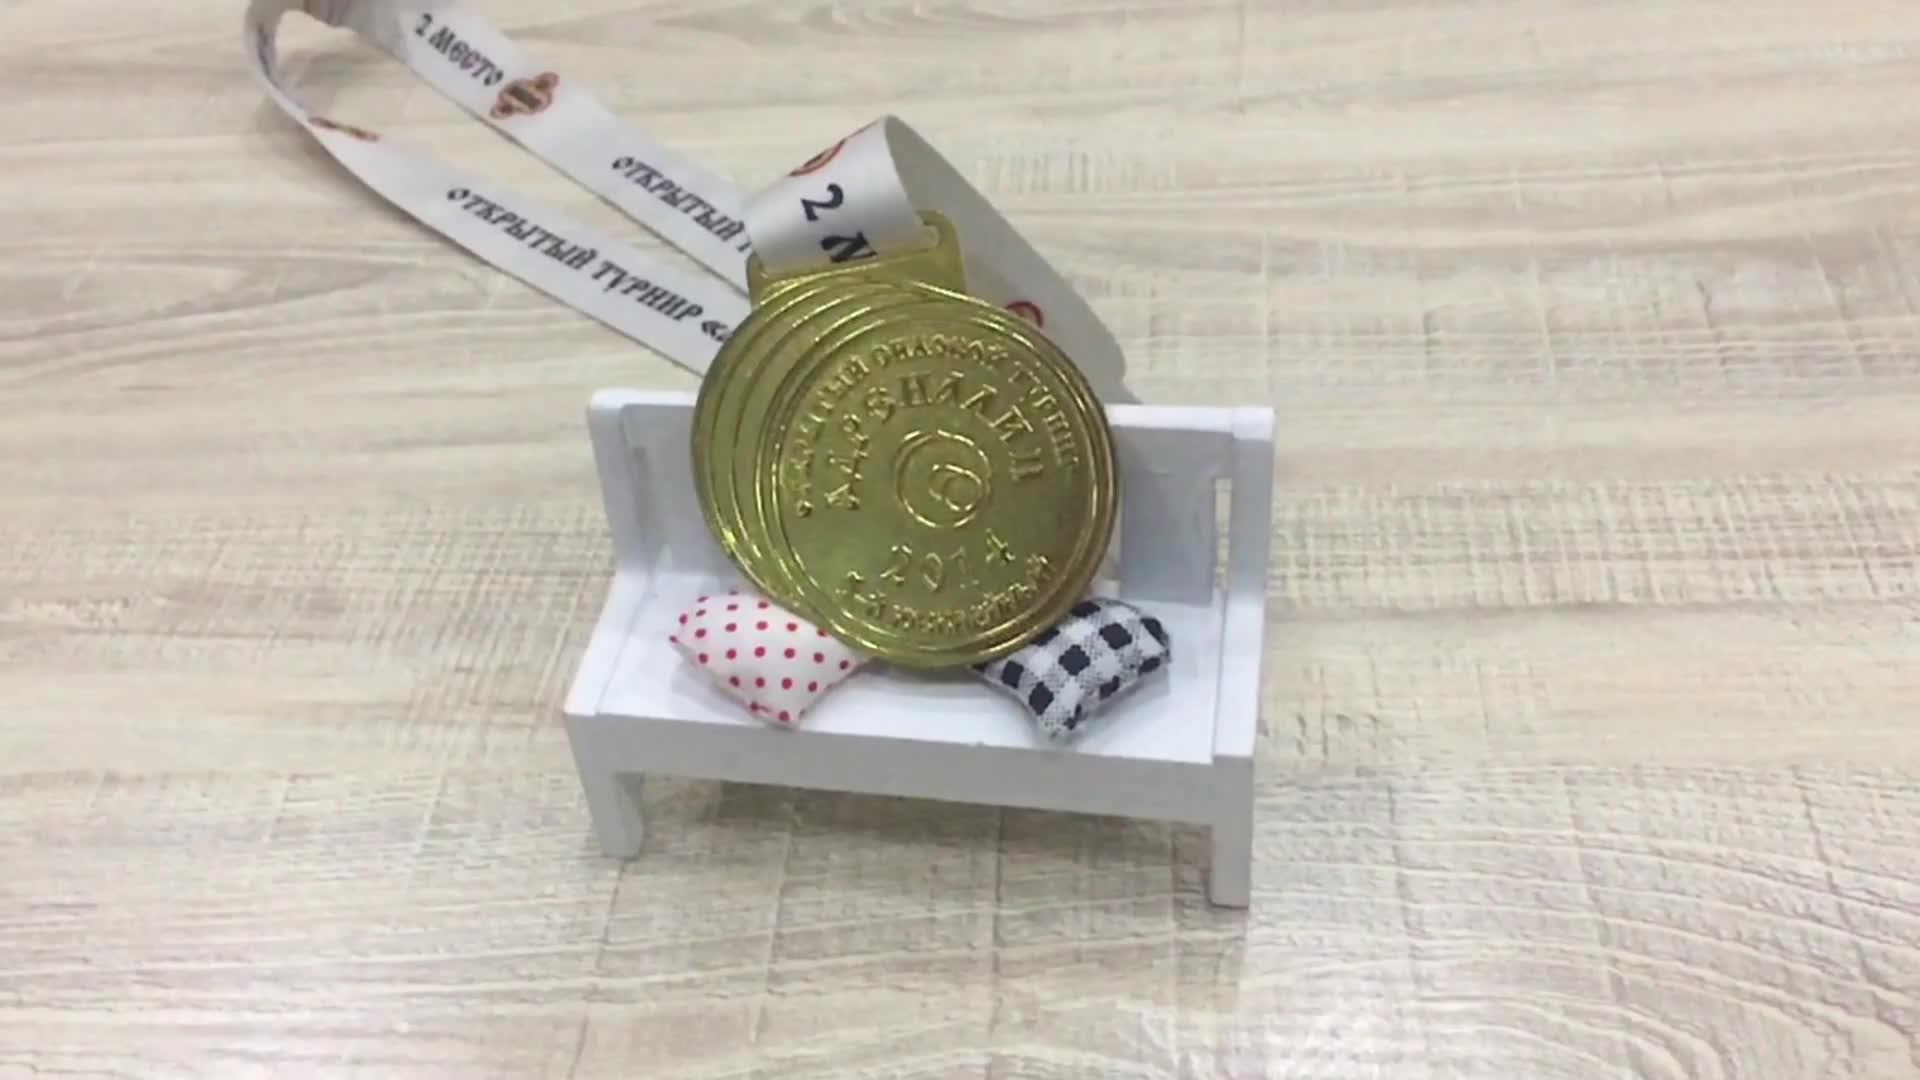 Özel yüksek kaliteli mat altın kaplama yumuşak emaye metal spor madalyası